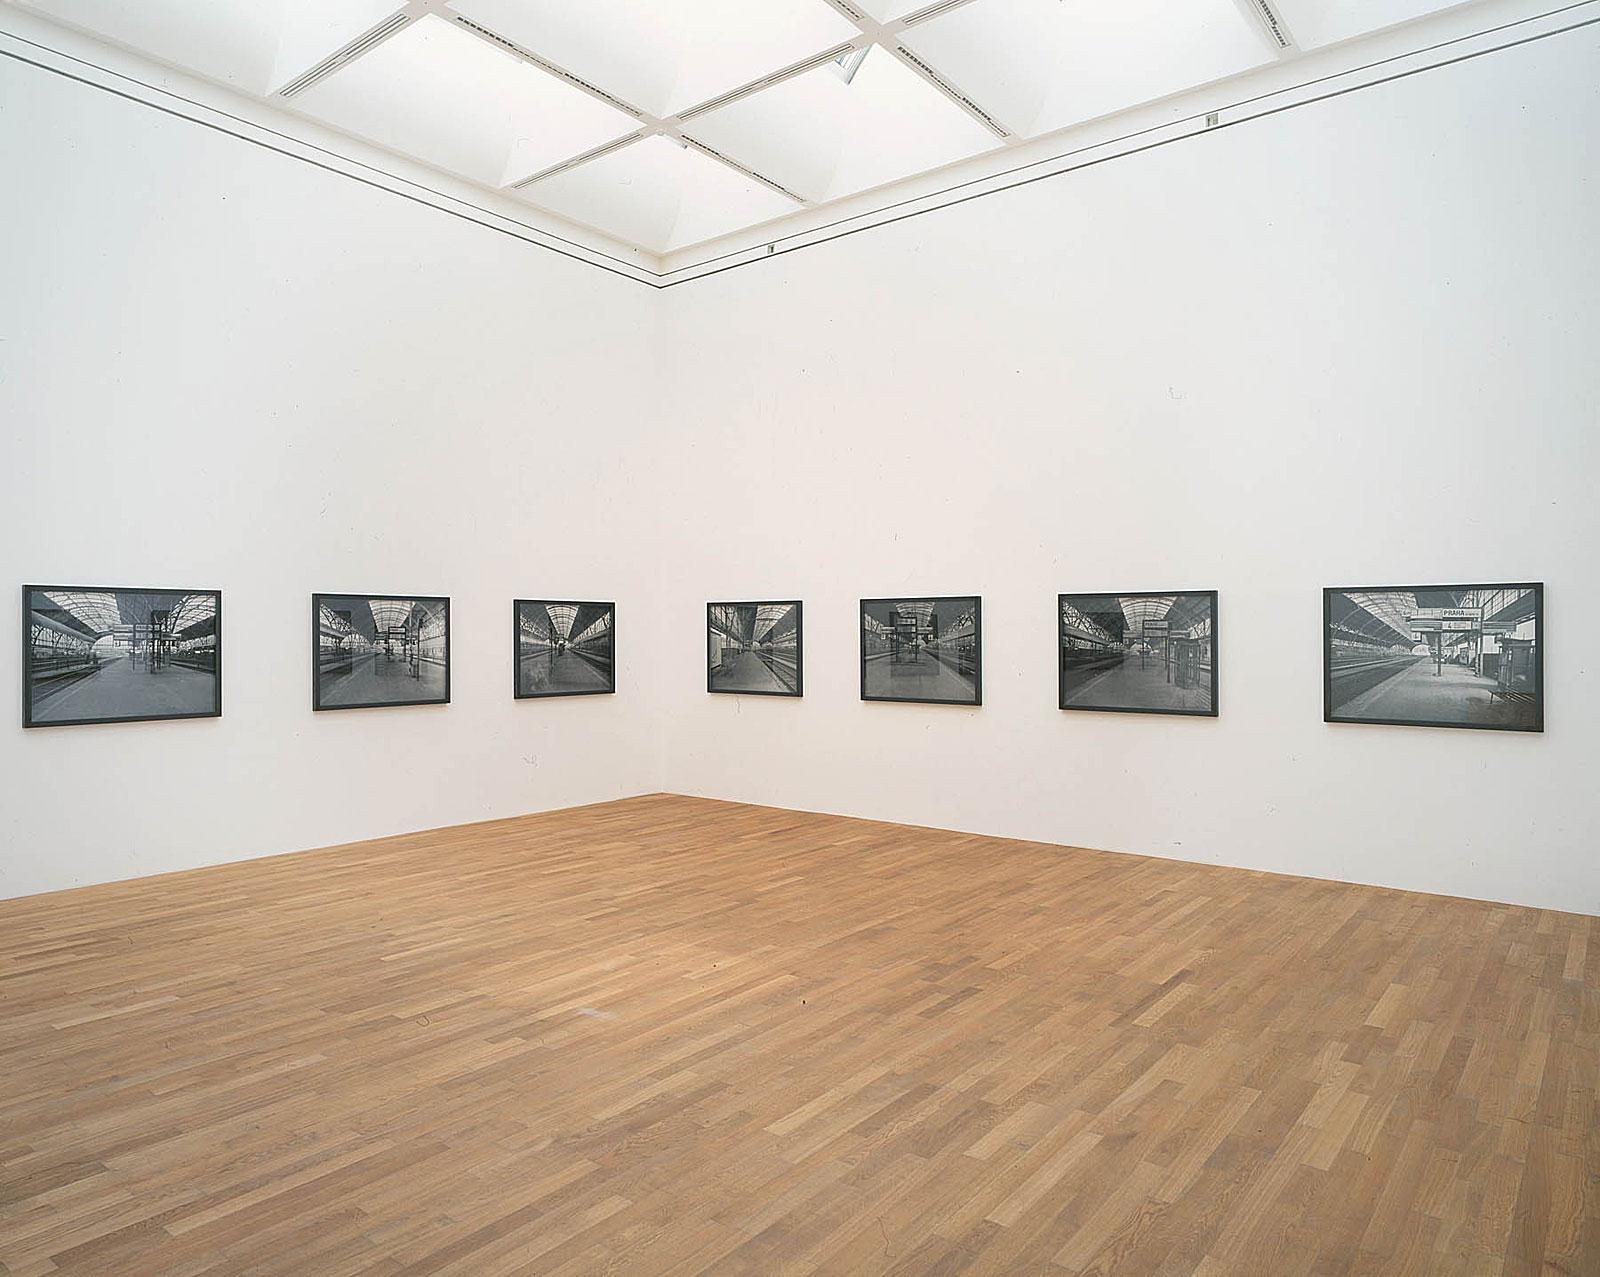 Dorothea von Stetten Kunstpreis, Kunstmuseum Bonn